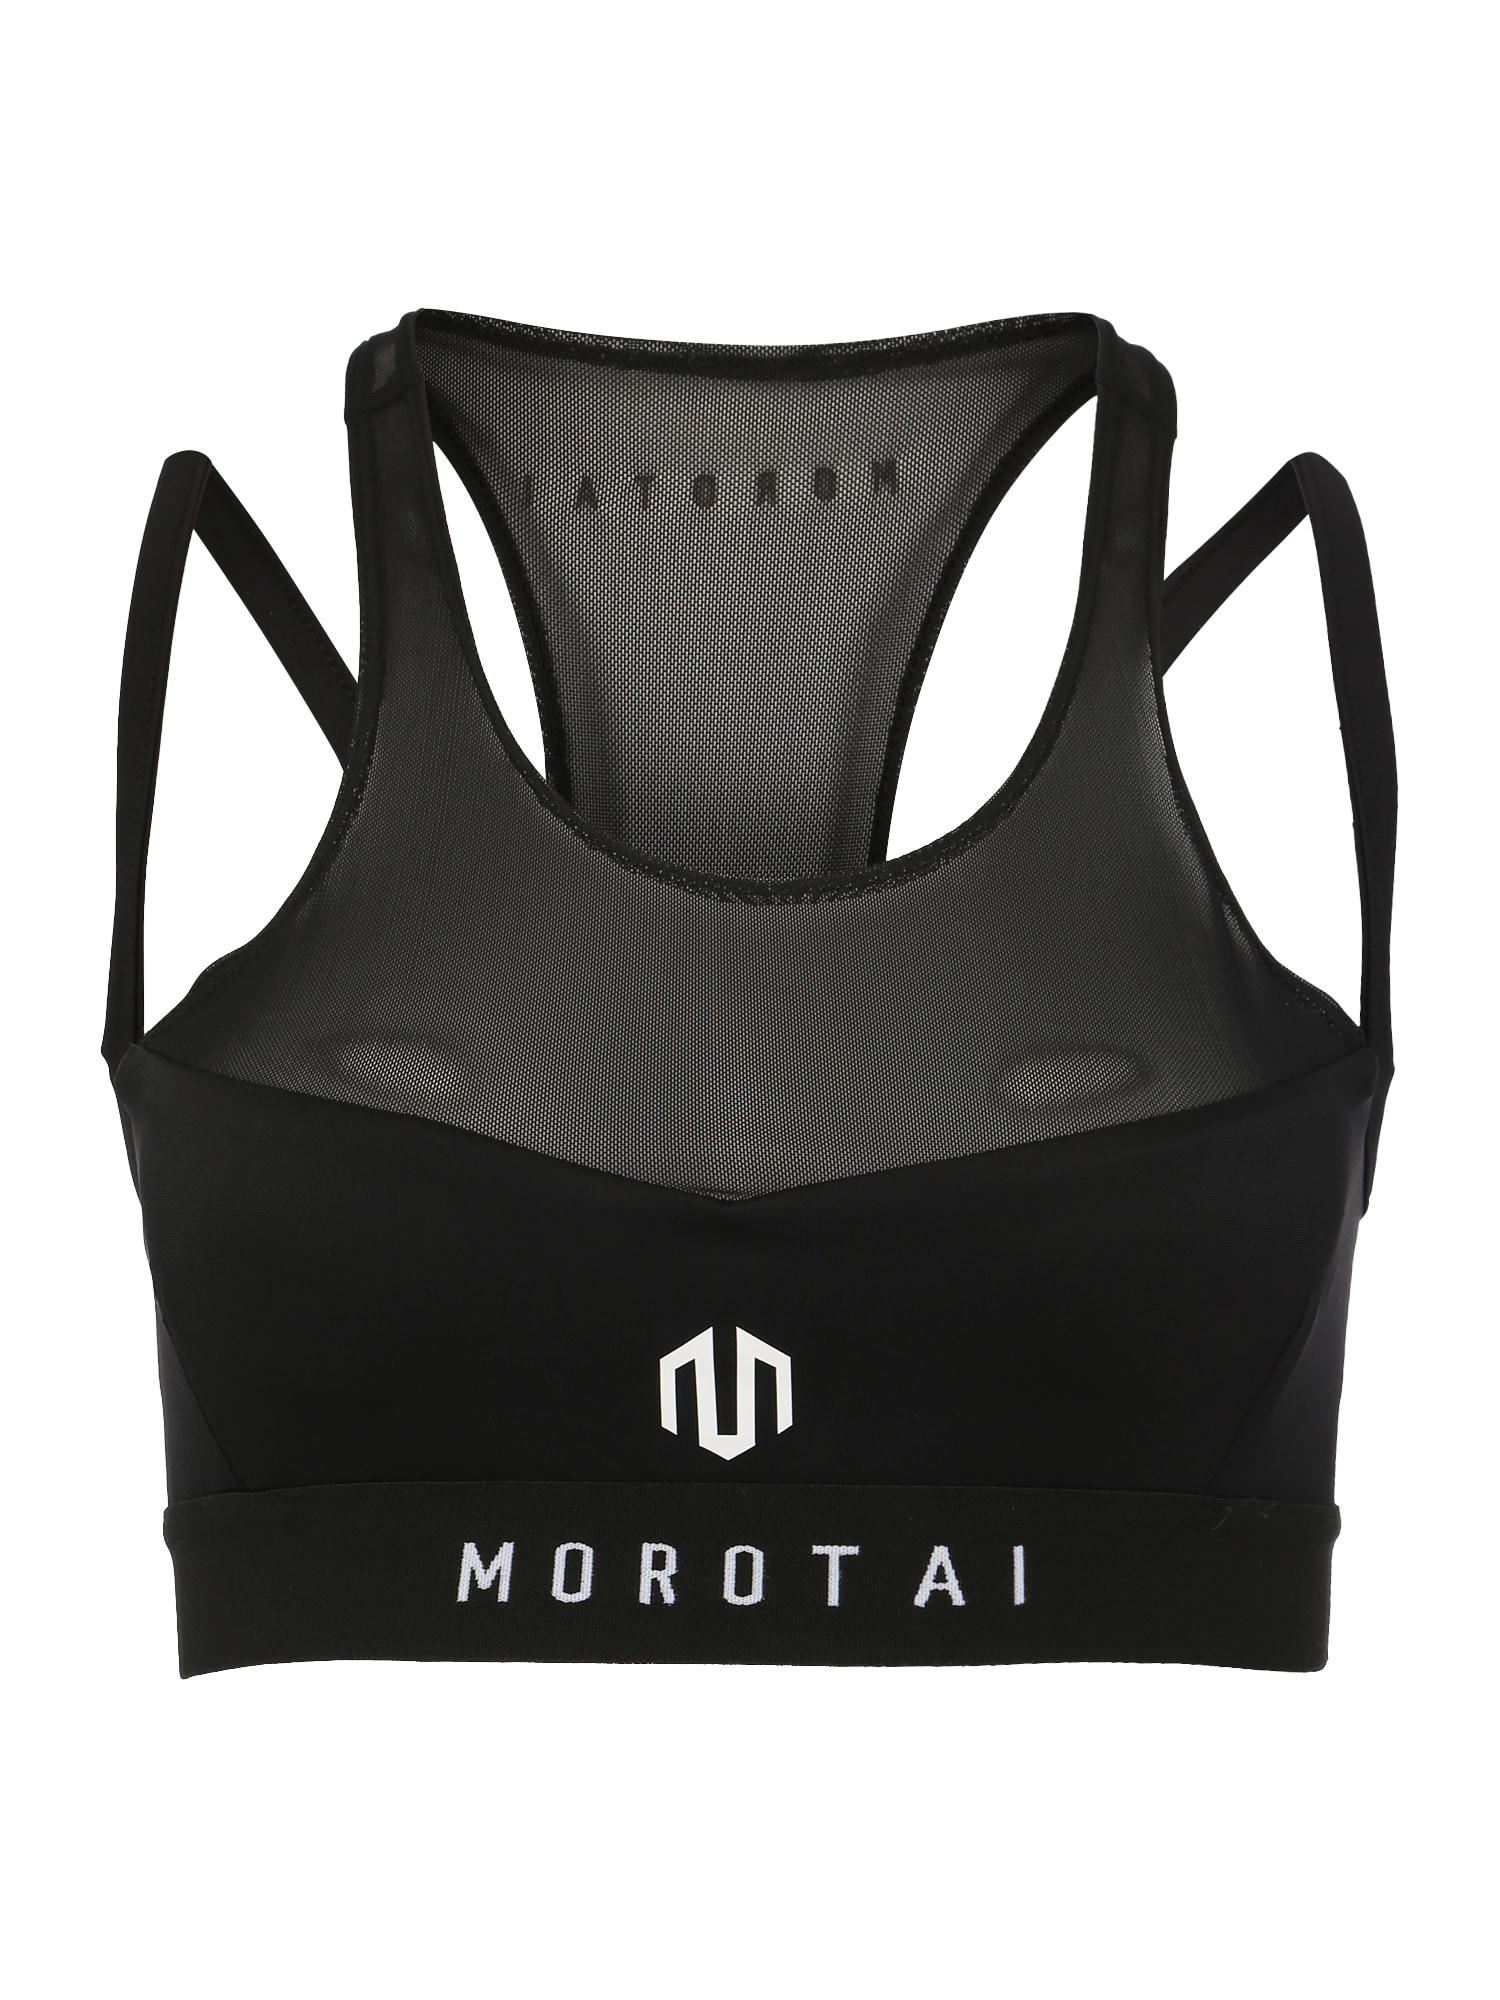 Sportovní podprsenka NAKA Performance černá bílá MOROTAI